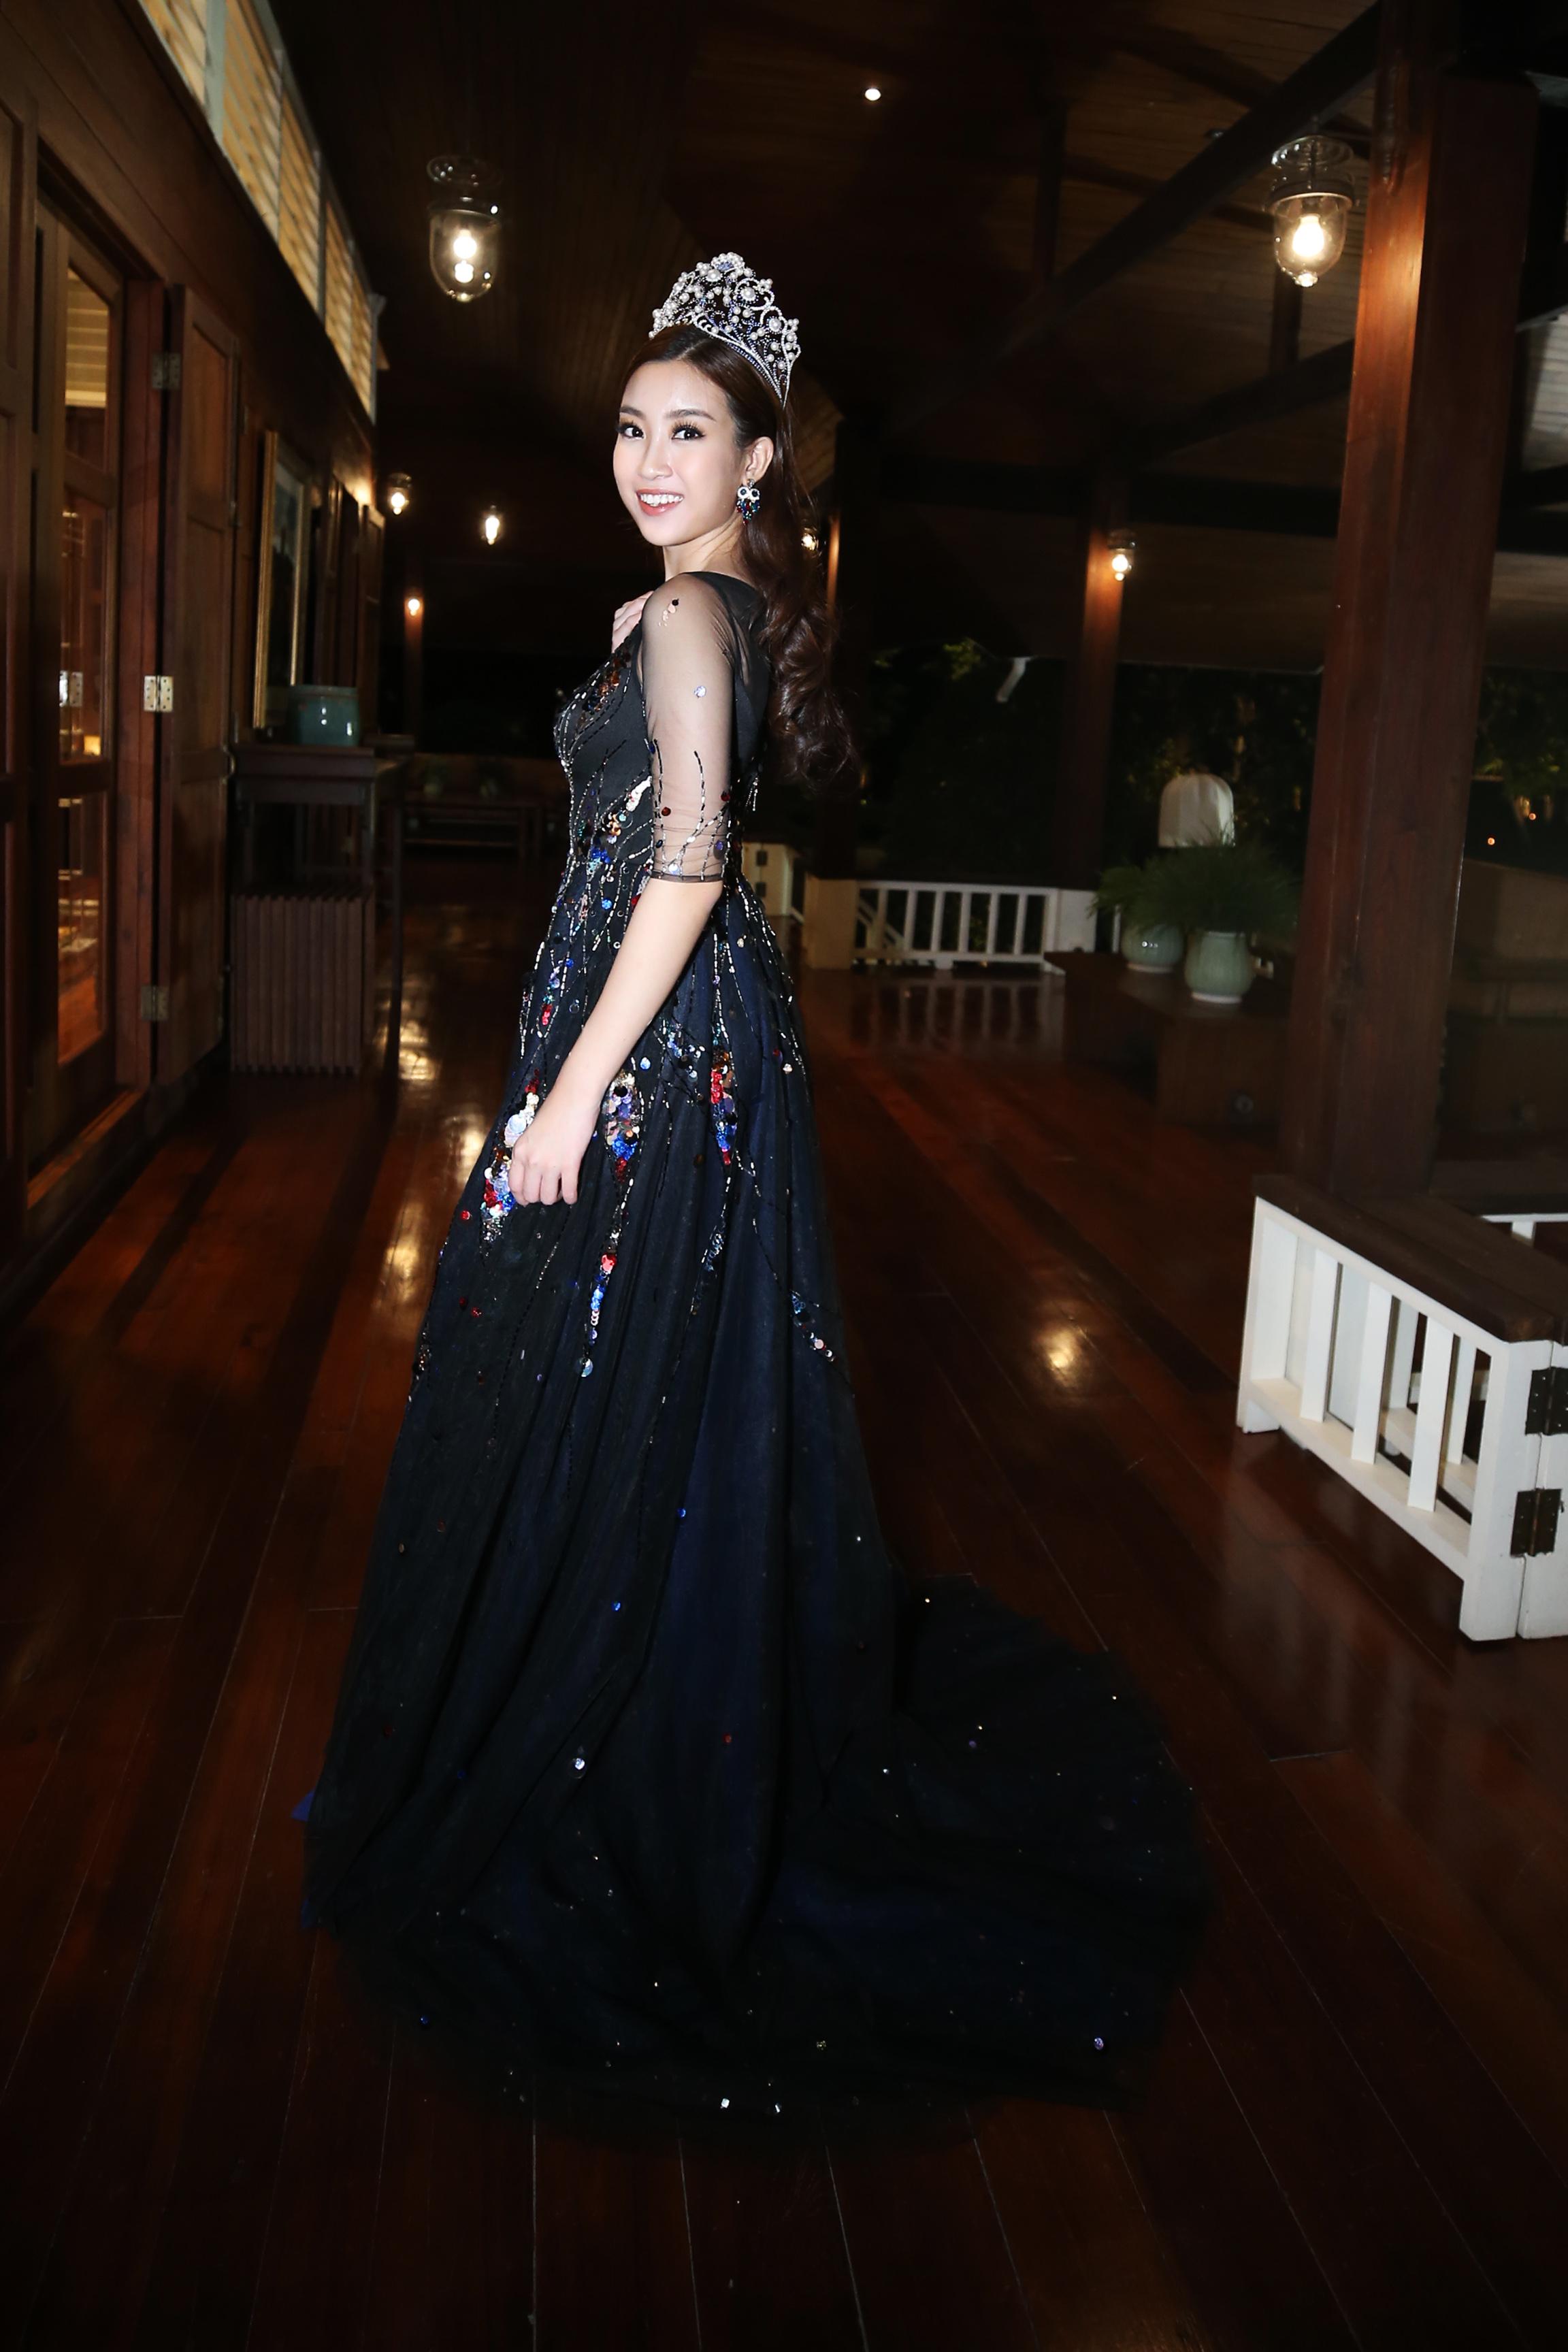 Hoa hậu Mỹ Linh đẹp lấn át Hoa hậu Hoàn vũ thế giới 2015 Pia Wurtzbach 4